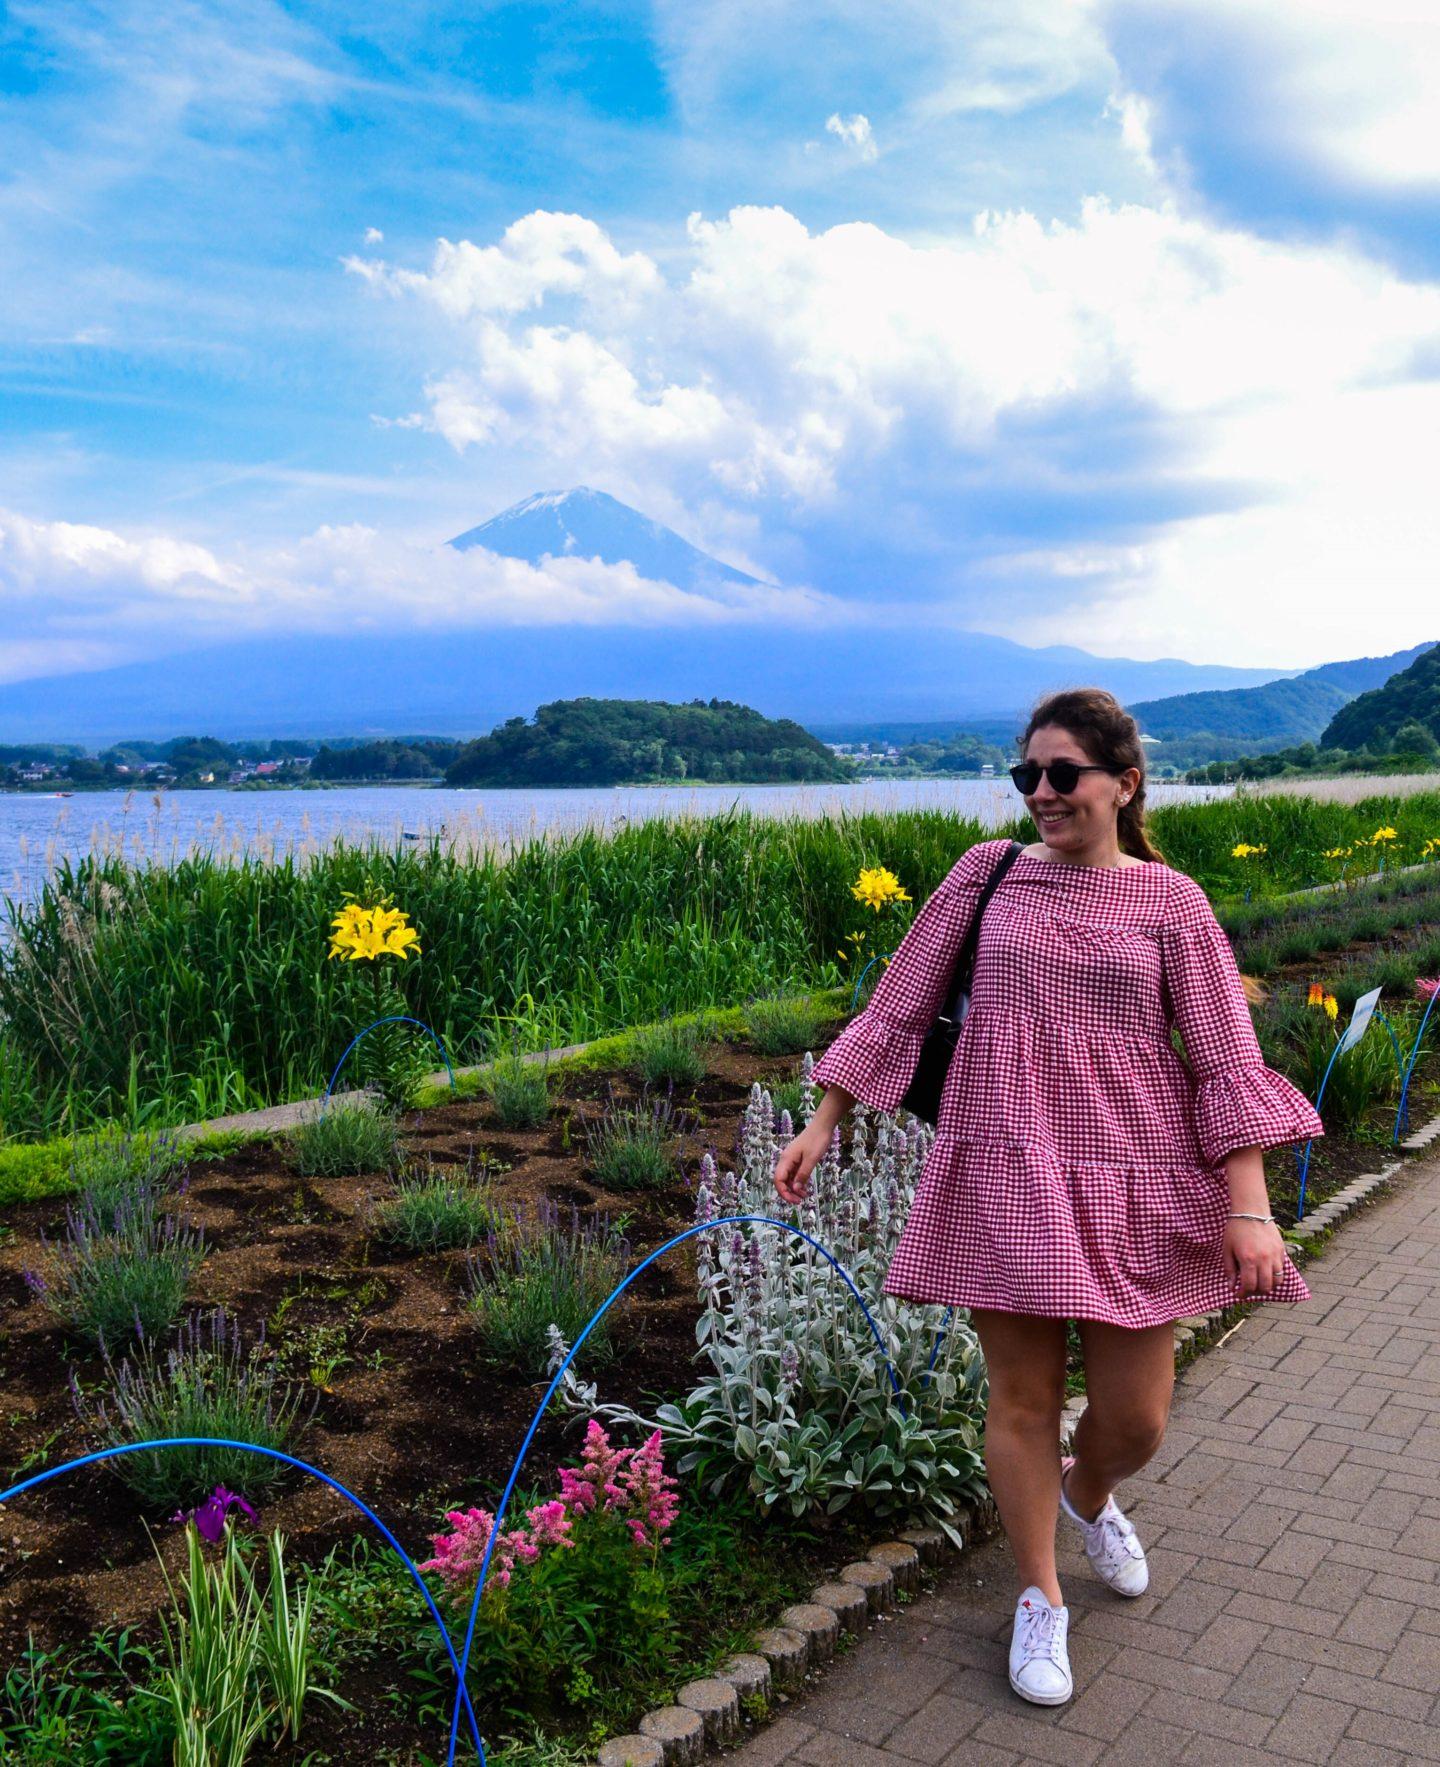 ragazza con vestito rosso davanti a monte fuji